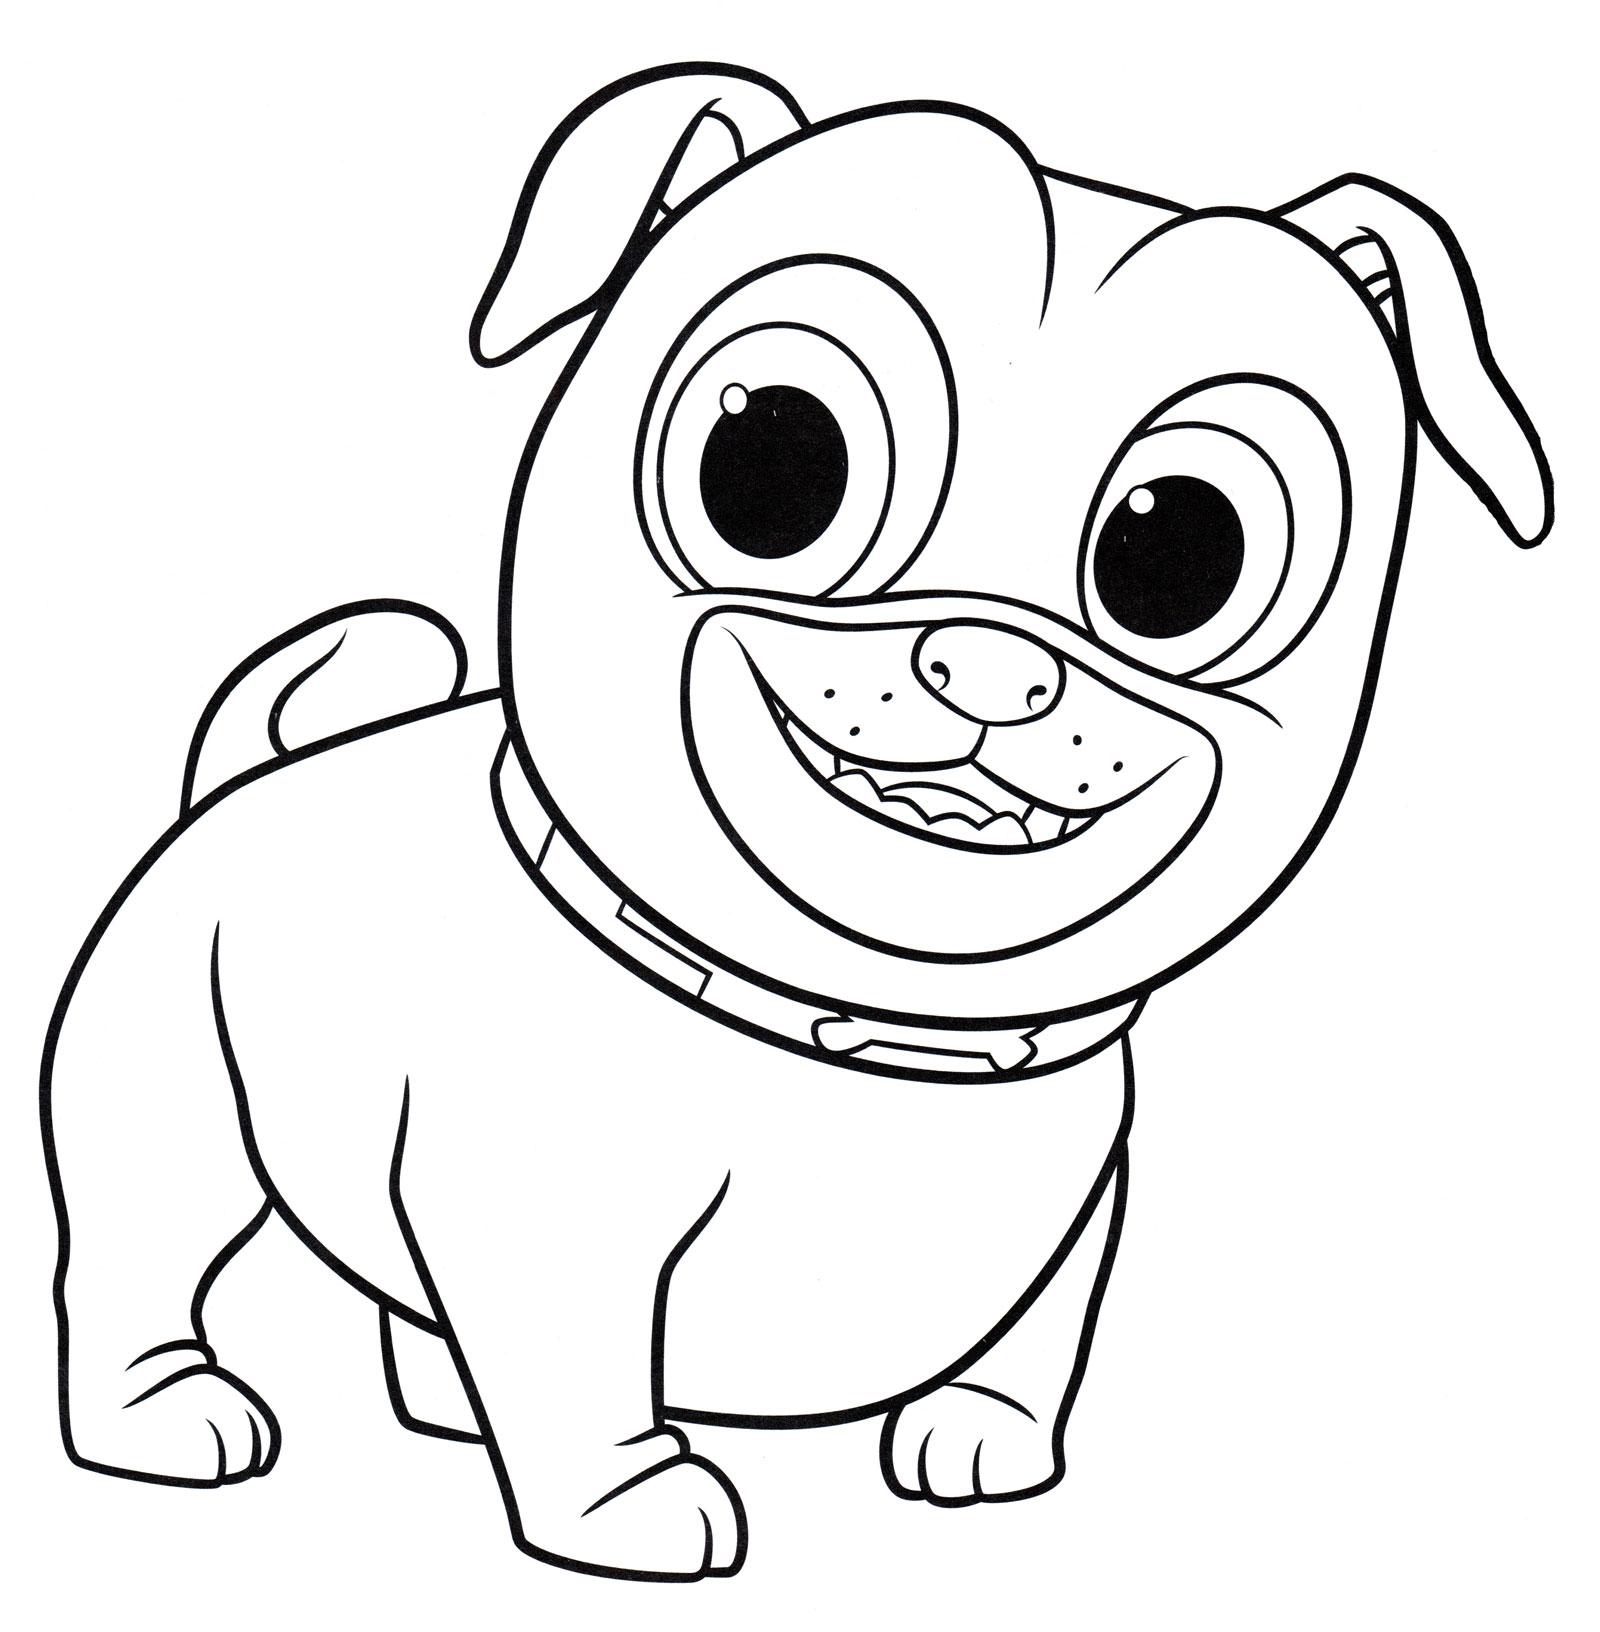 того, картинки раскраски щенки мопса использования цветка